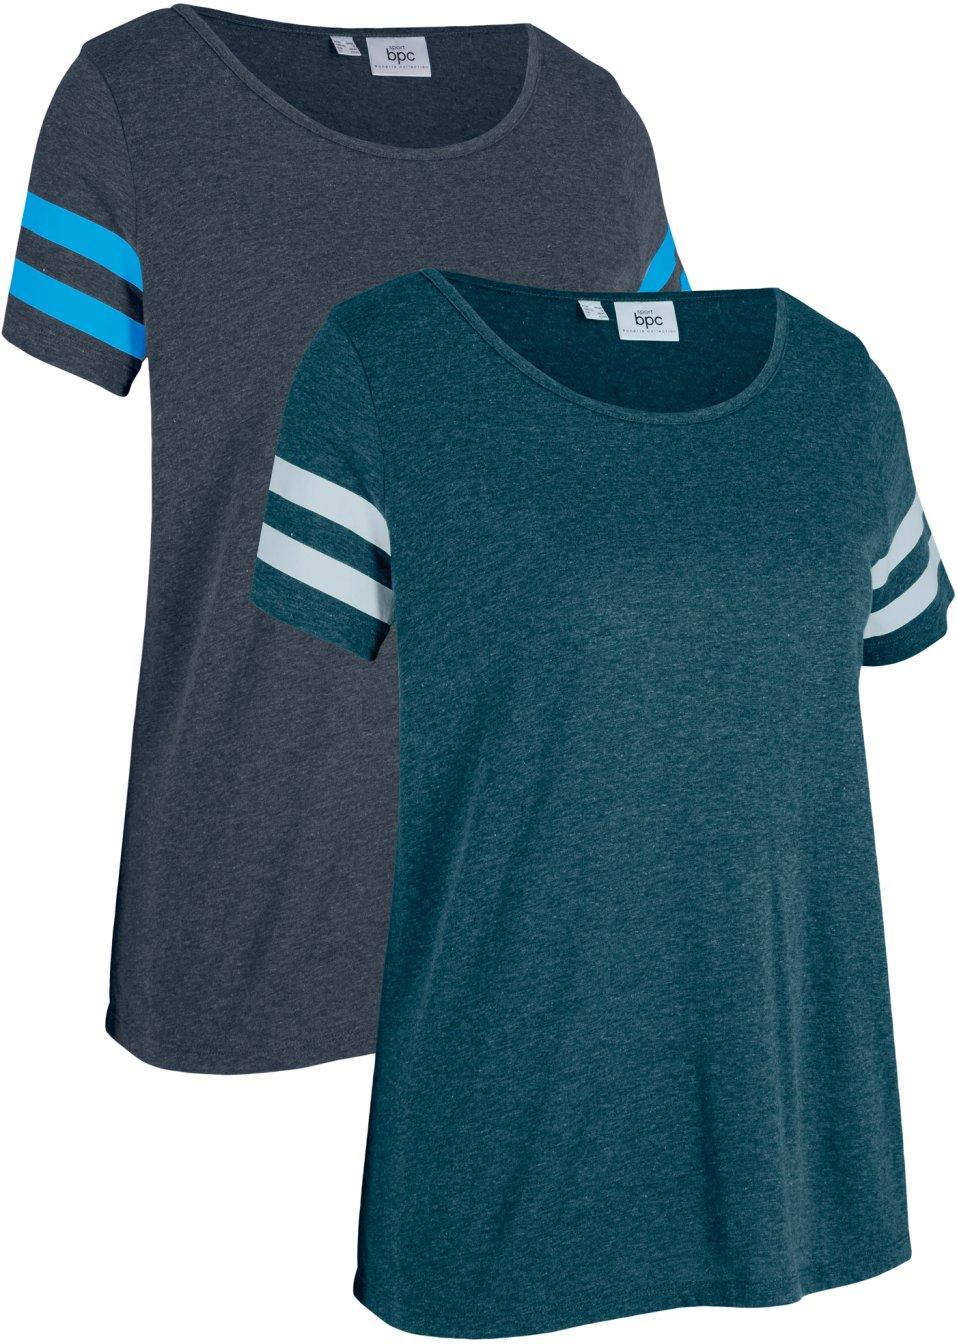 Lässiges Sport-Shirt 2er- Pack kurzarm schwarz/türkis - bpc bonprix collection - bonprix.de opRNo O28W2